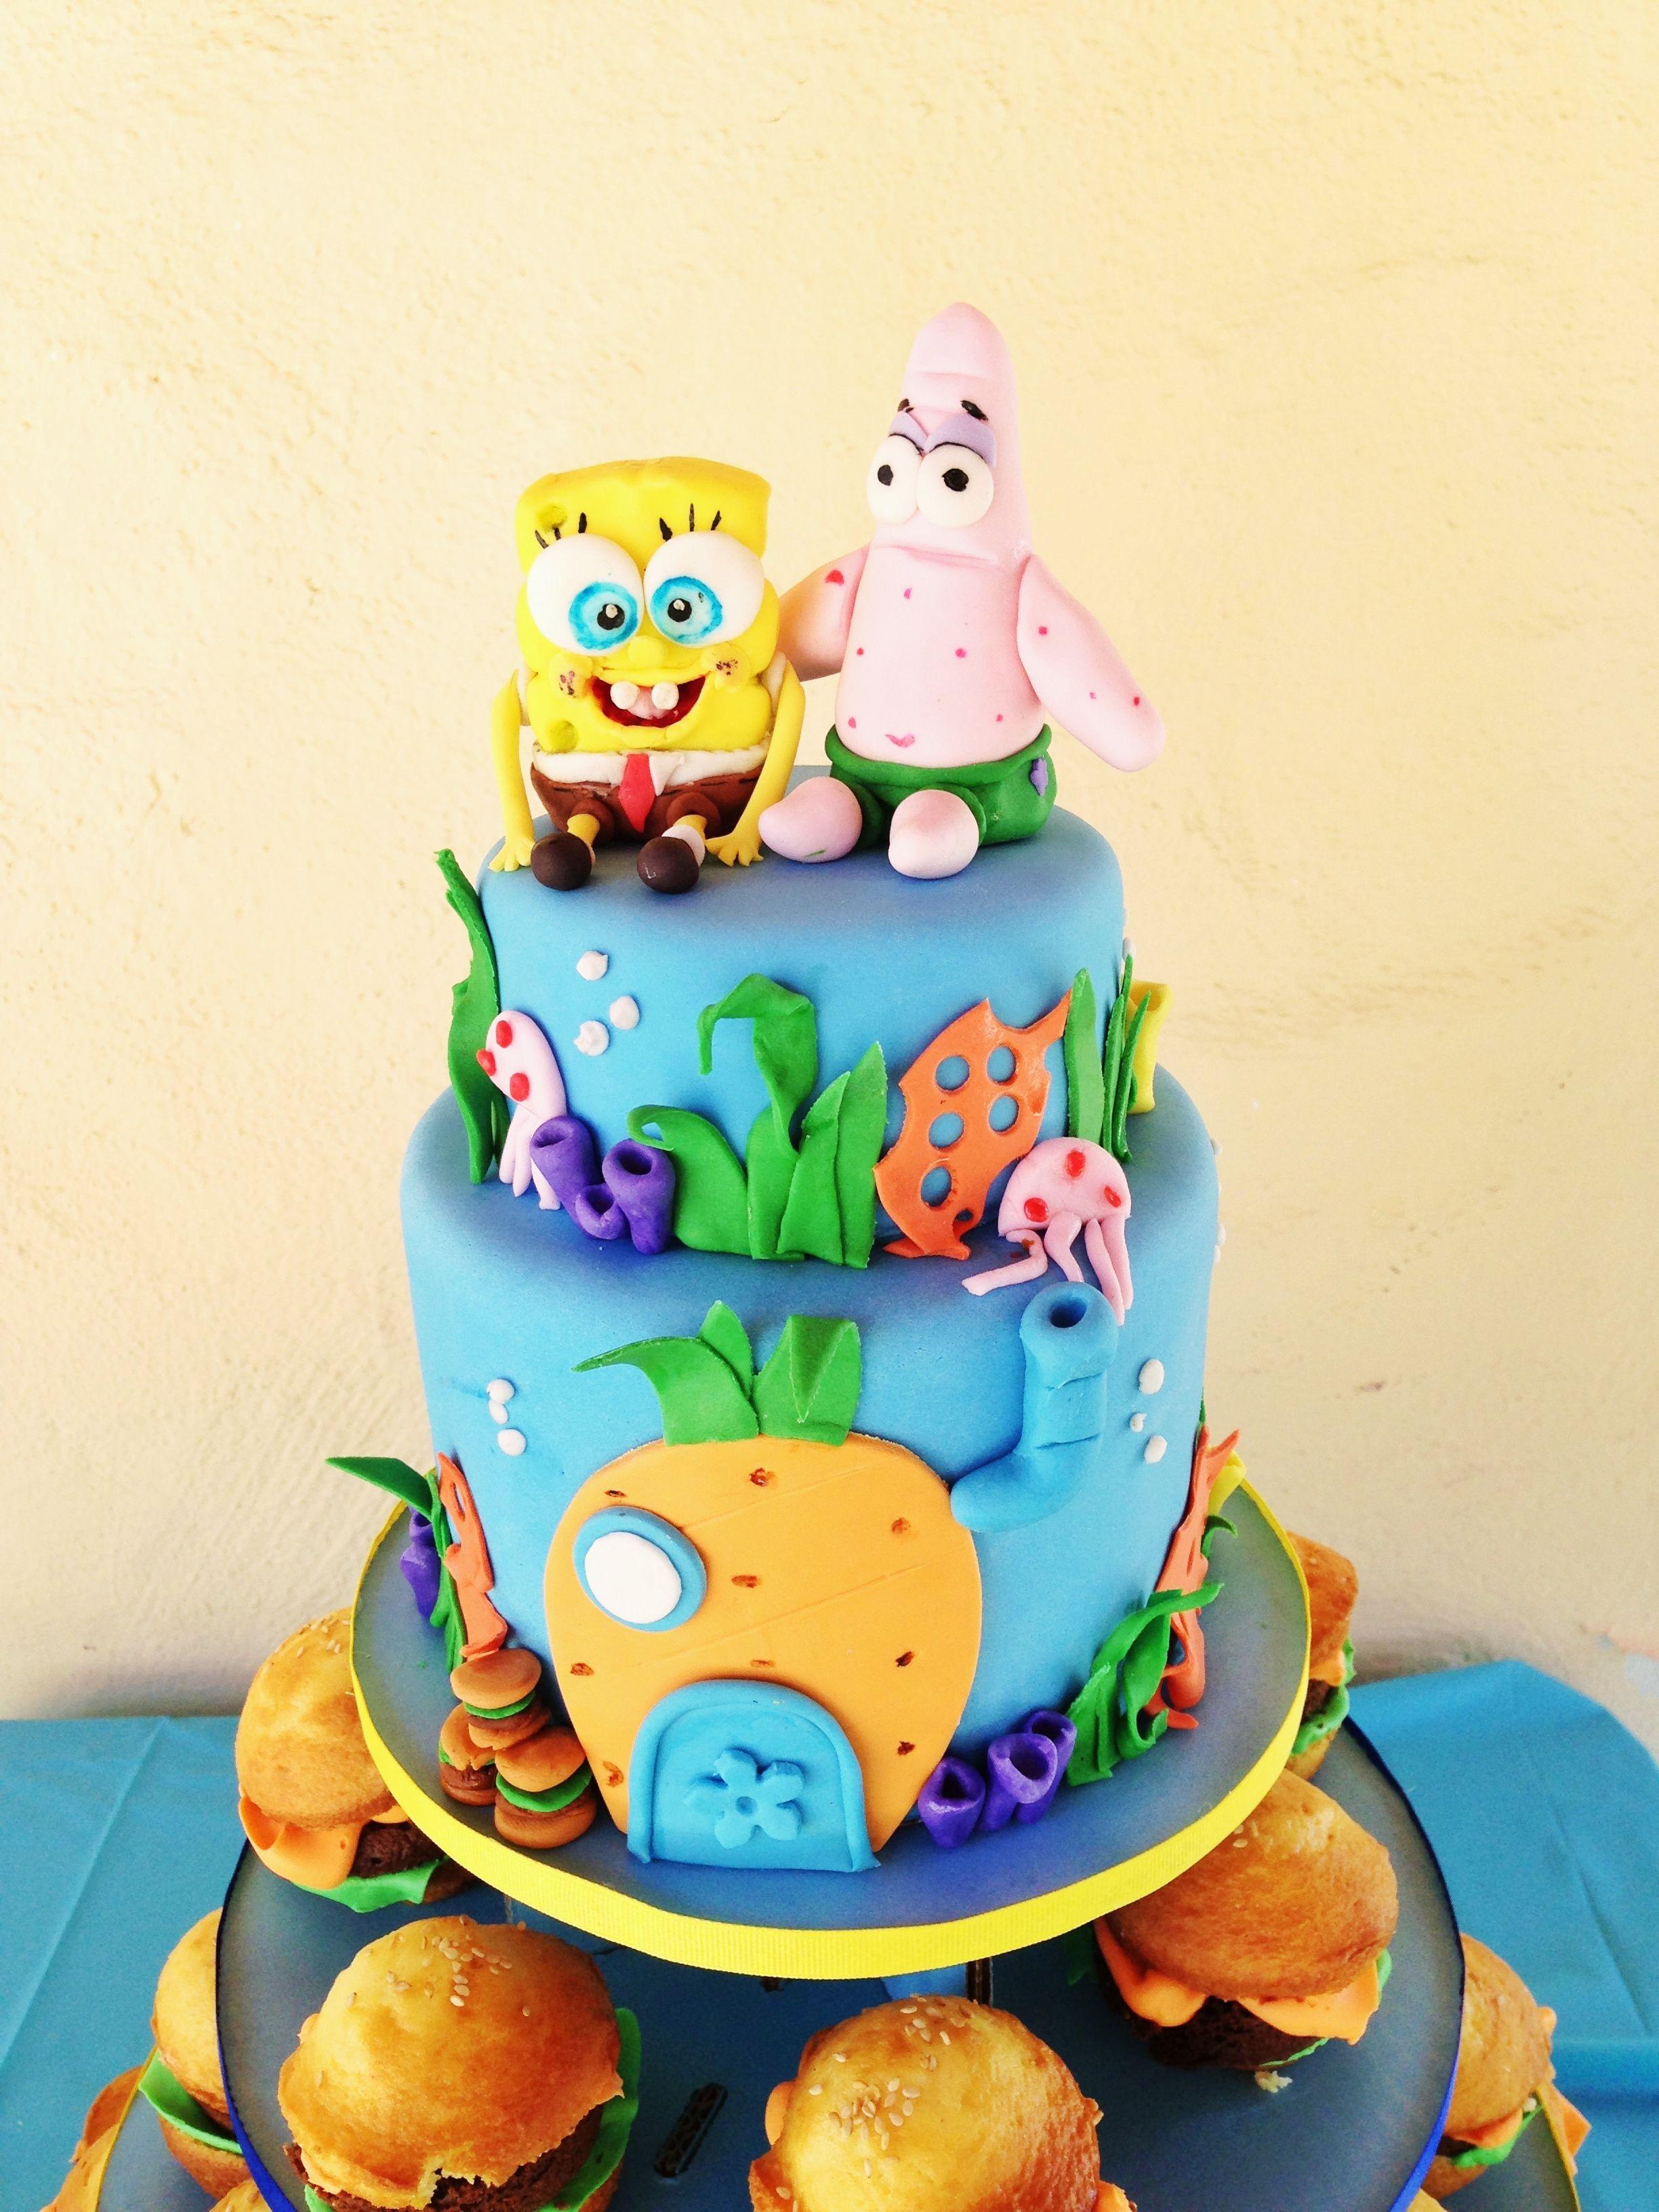 Spongebob Cake Cakes Pinterest Susses Torten And Rezepte